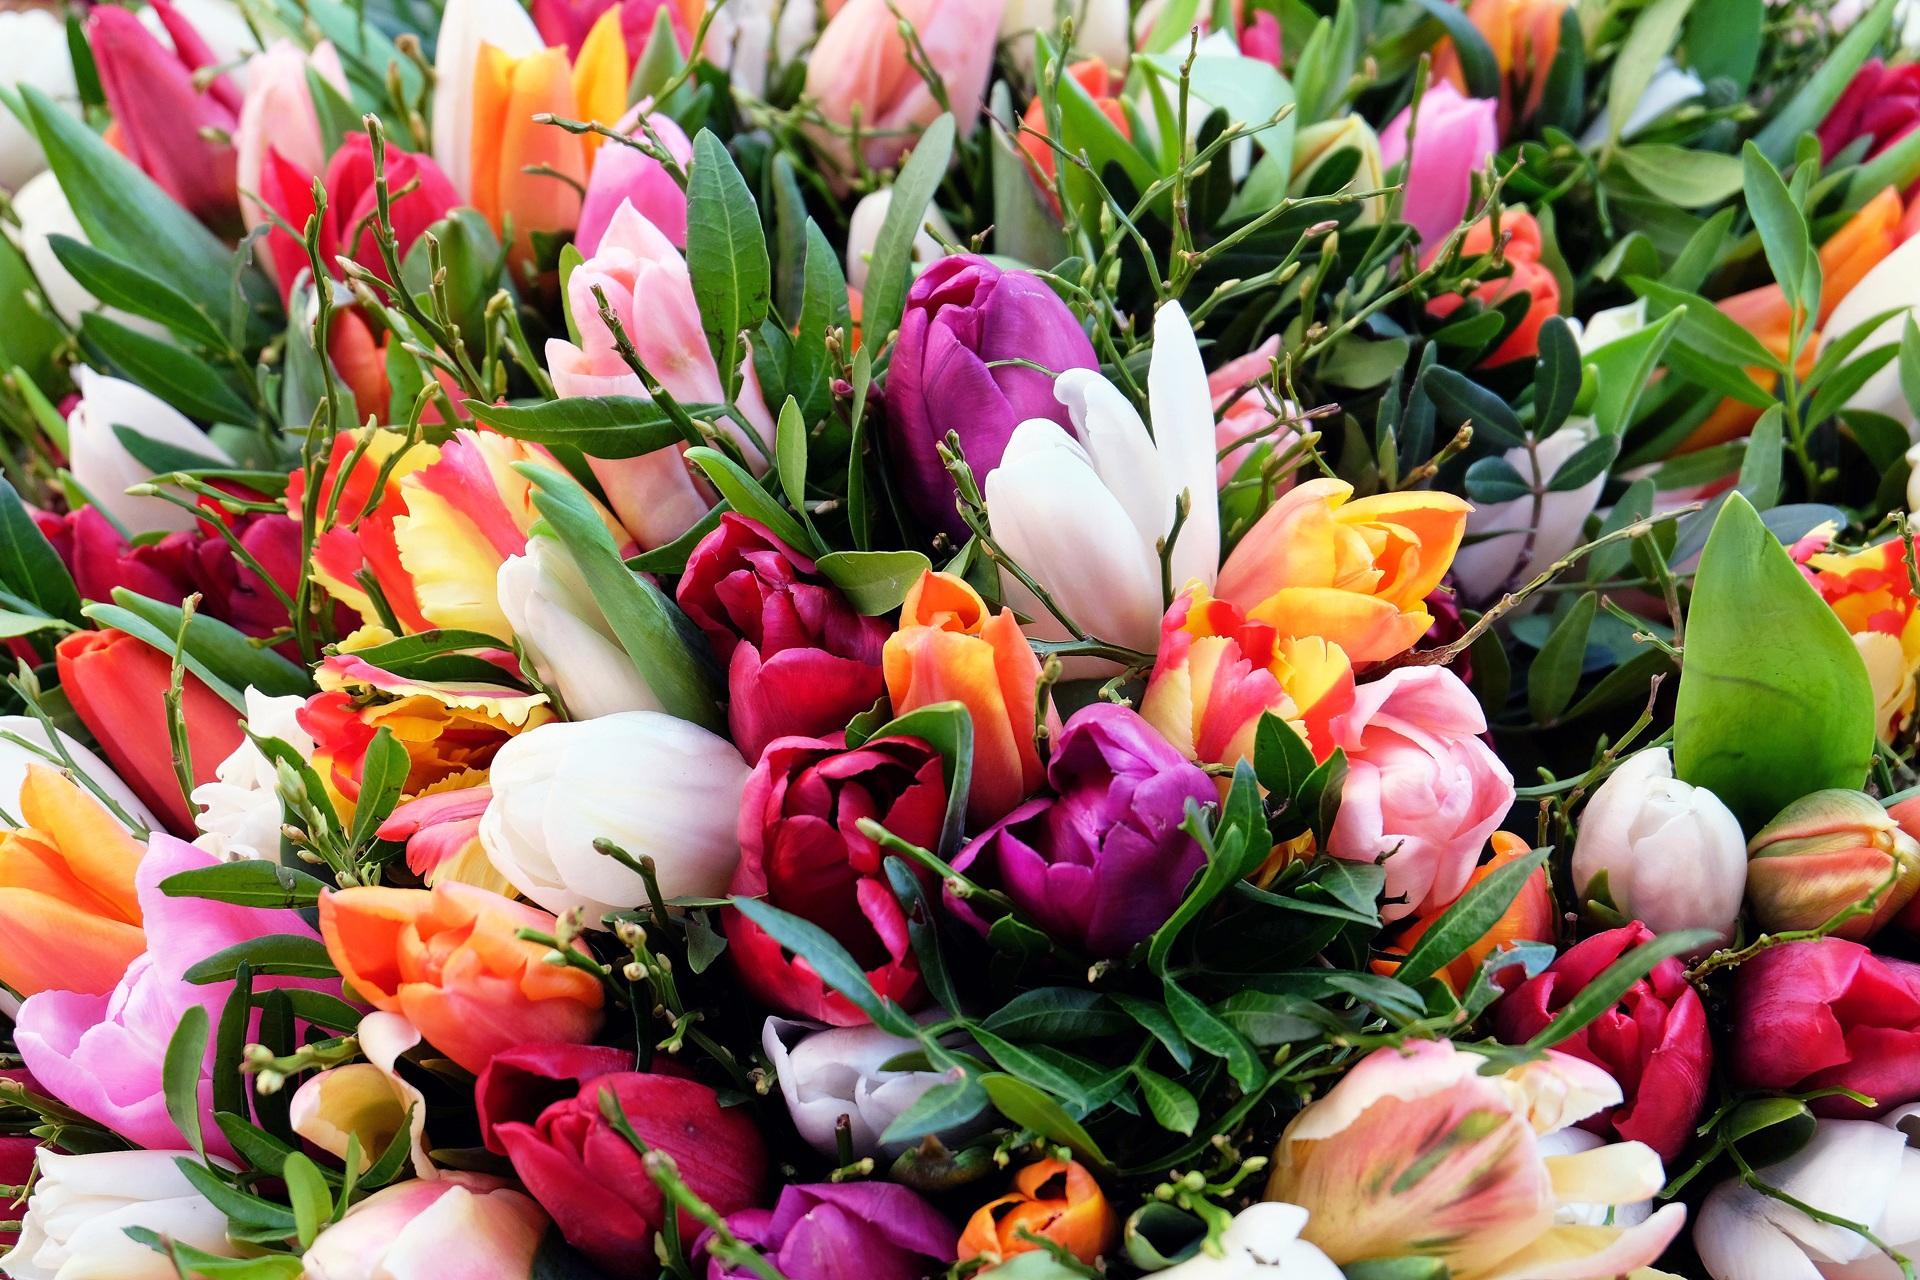 107970 скачать обои Цветы, Букет, Тюльпаны - заставки и картинки бесплатно